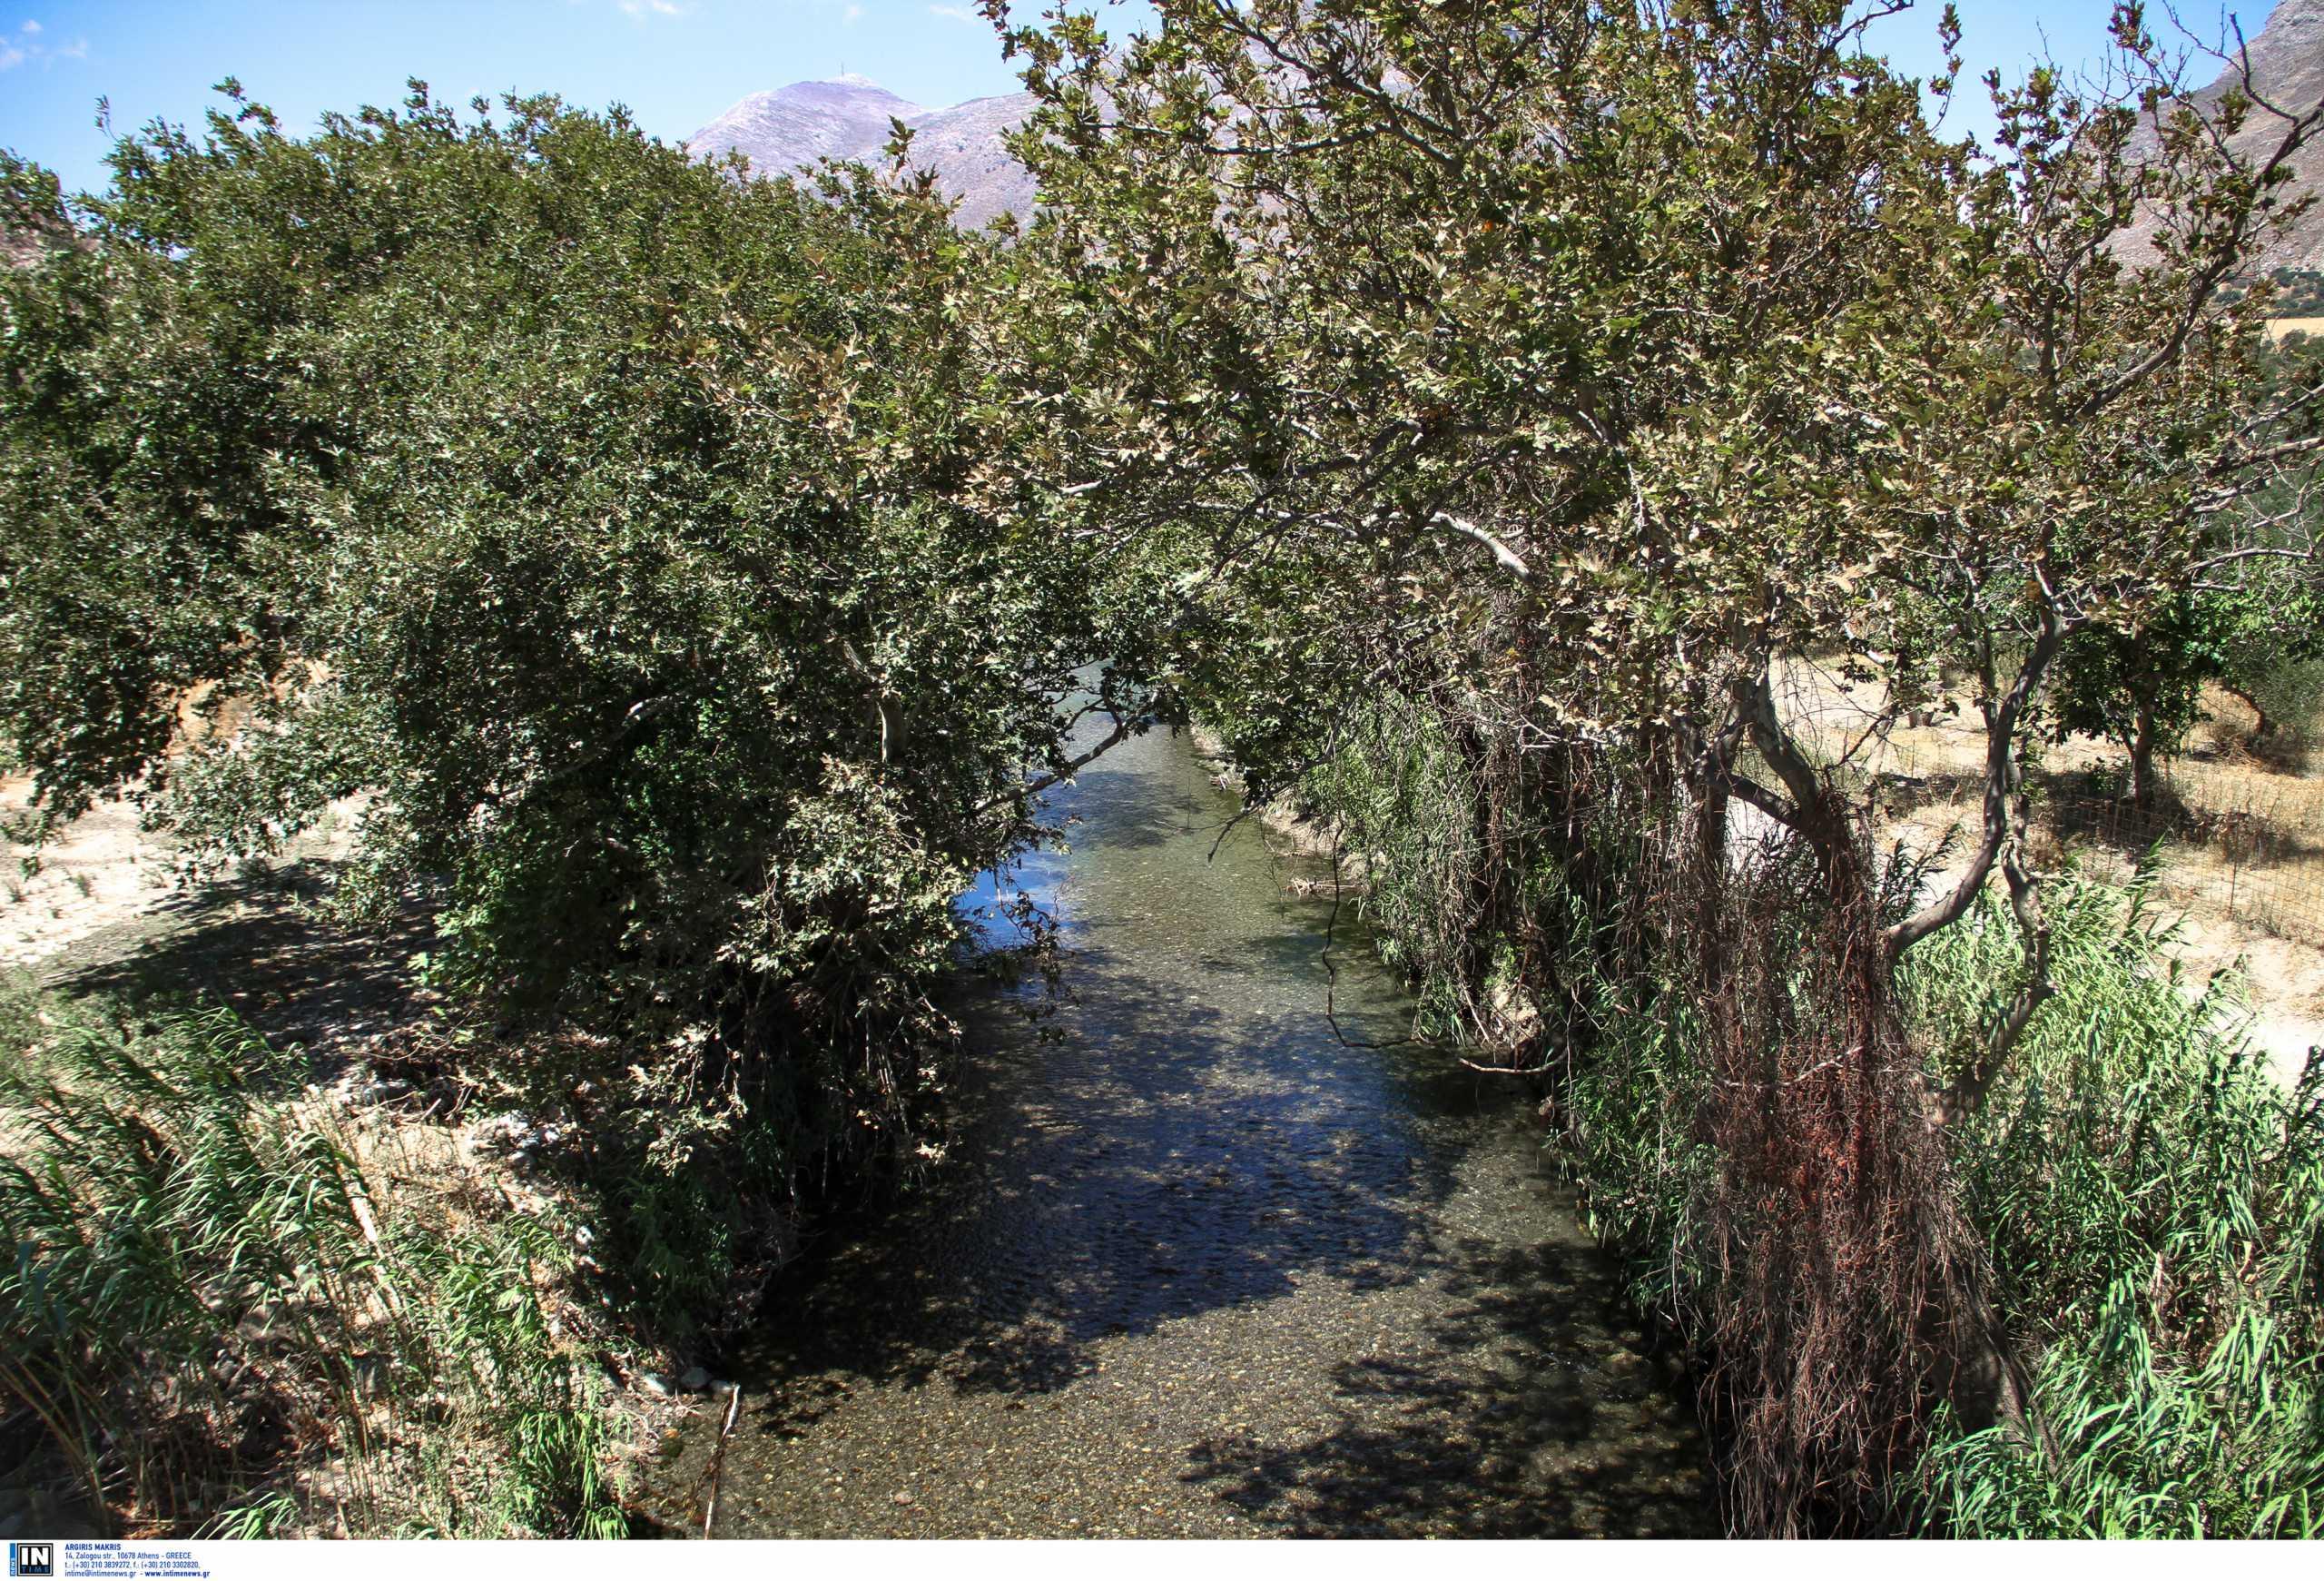 Πάνω από τα μισά ποτάμια της Γης σταματούν να ρέουν μέσα στο έτος